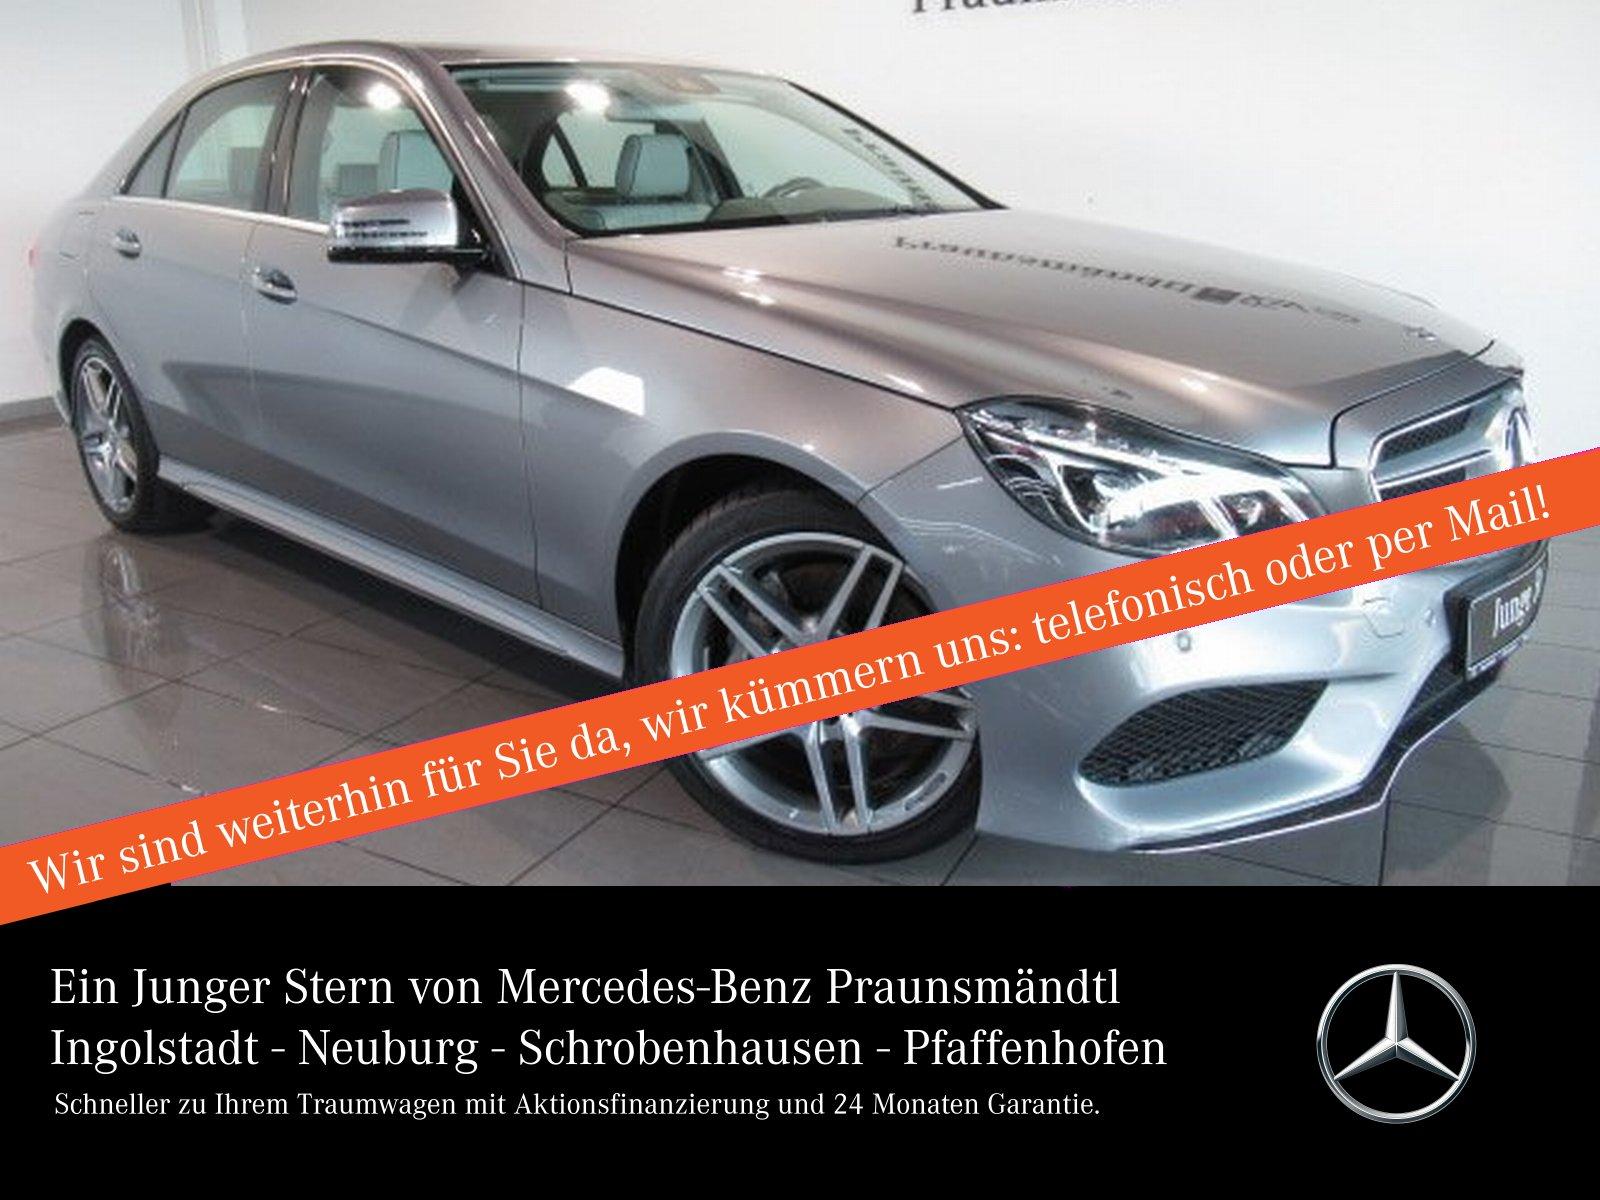 Mercedes-Benz E 400 AMG Comand/LED/ILS/PTS/SHZ/, Jahr 2014, Benzin